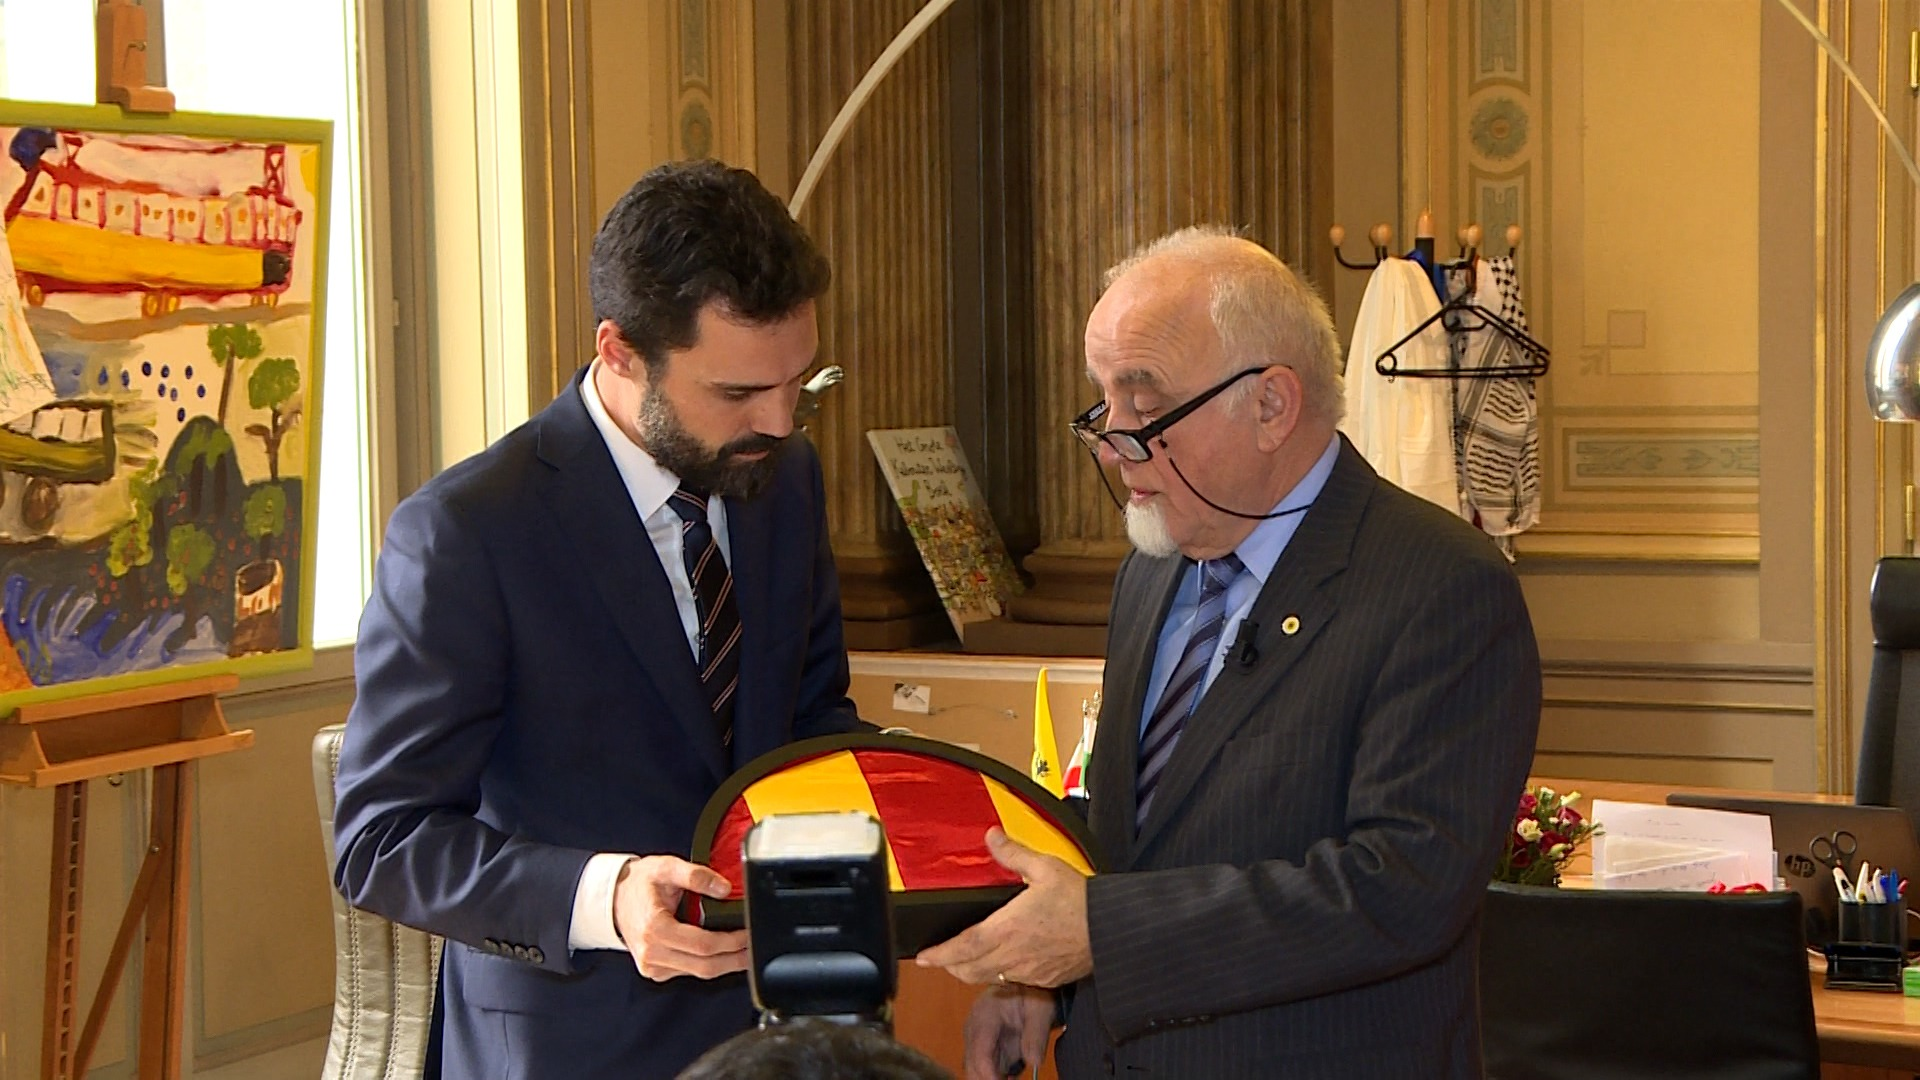 In de wandelgangen: Bezoek van voorzitter Catalaans parlement